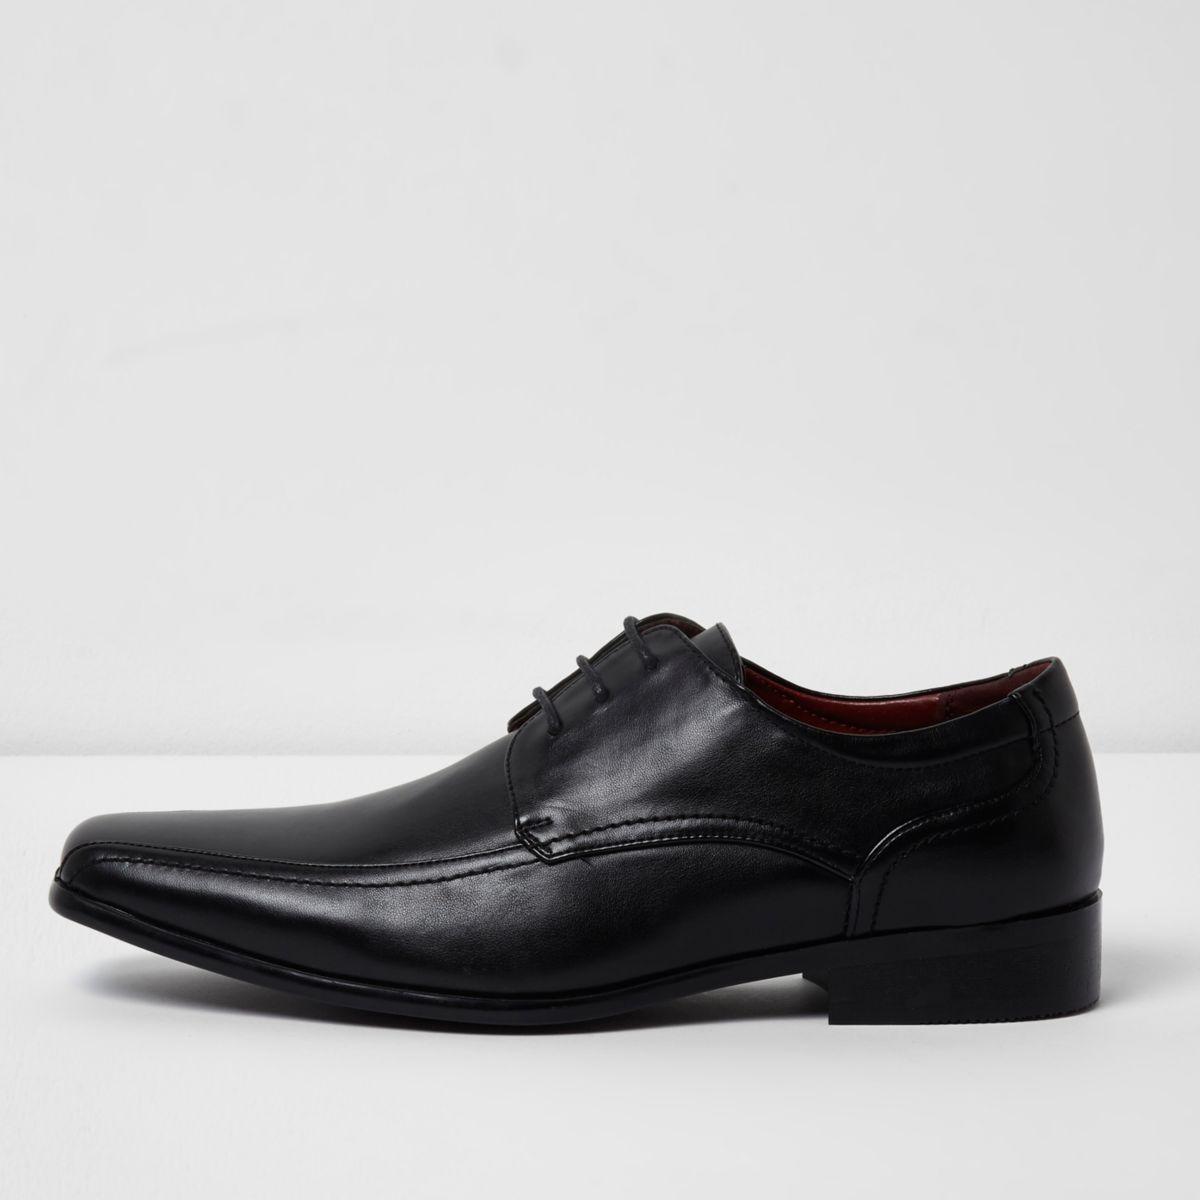 Chaussures noires habillées à lacets